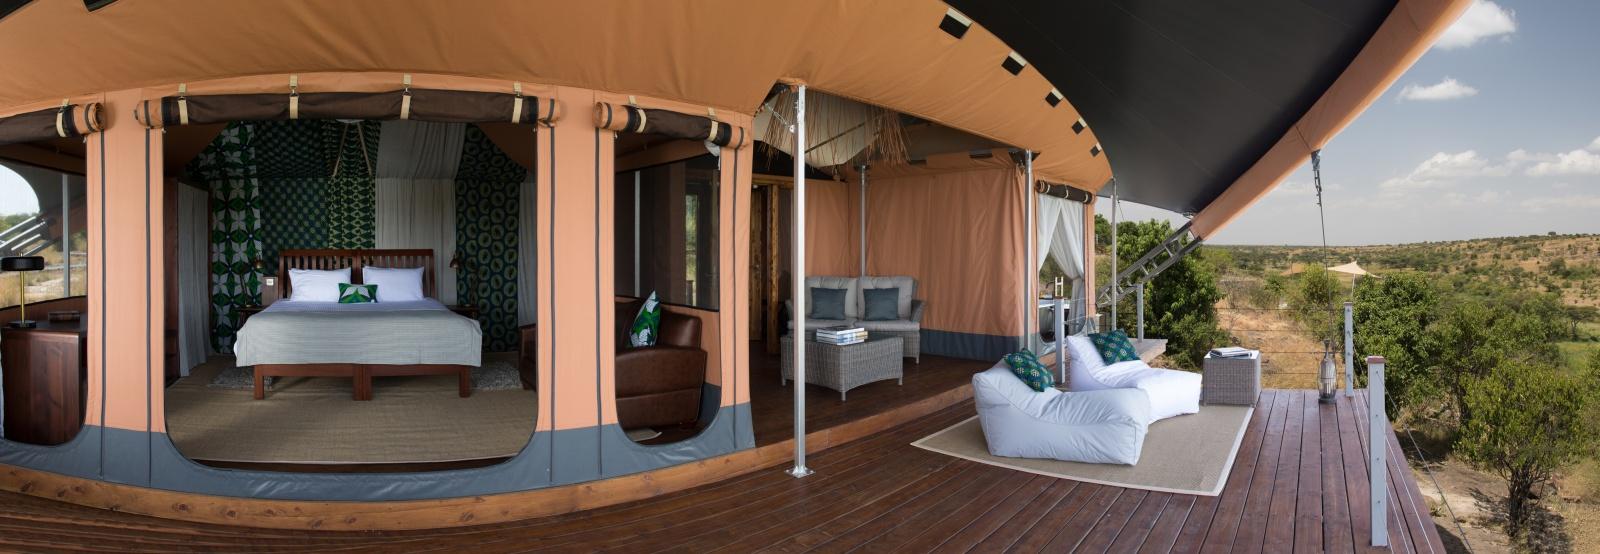 Интерьер палаточного номера отеля Mahali Mzuri